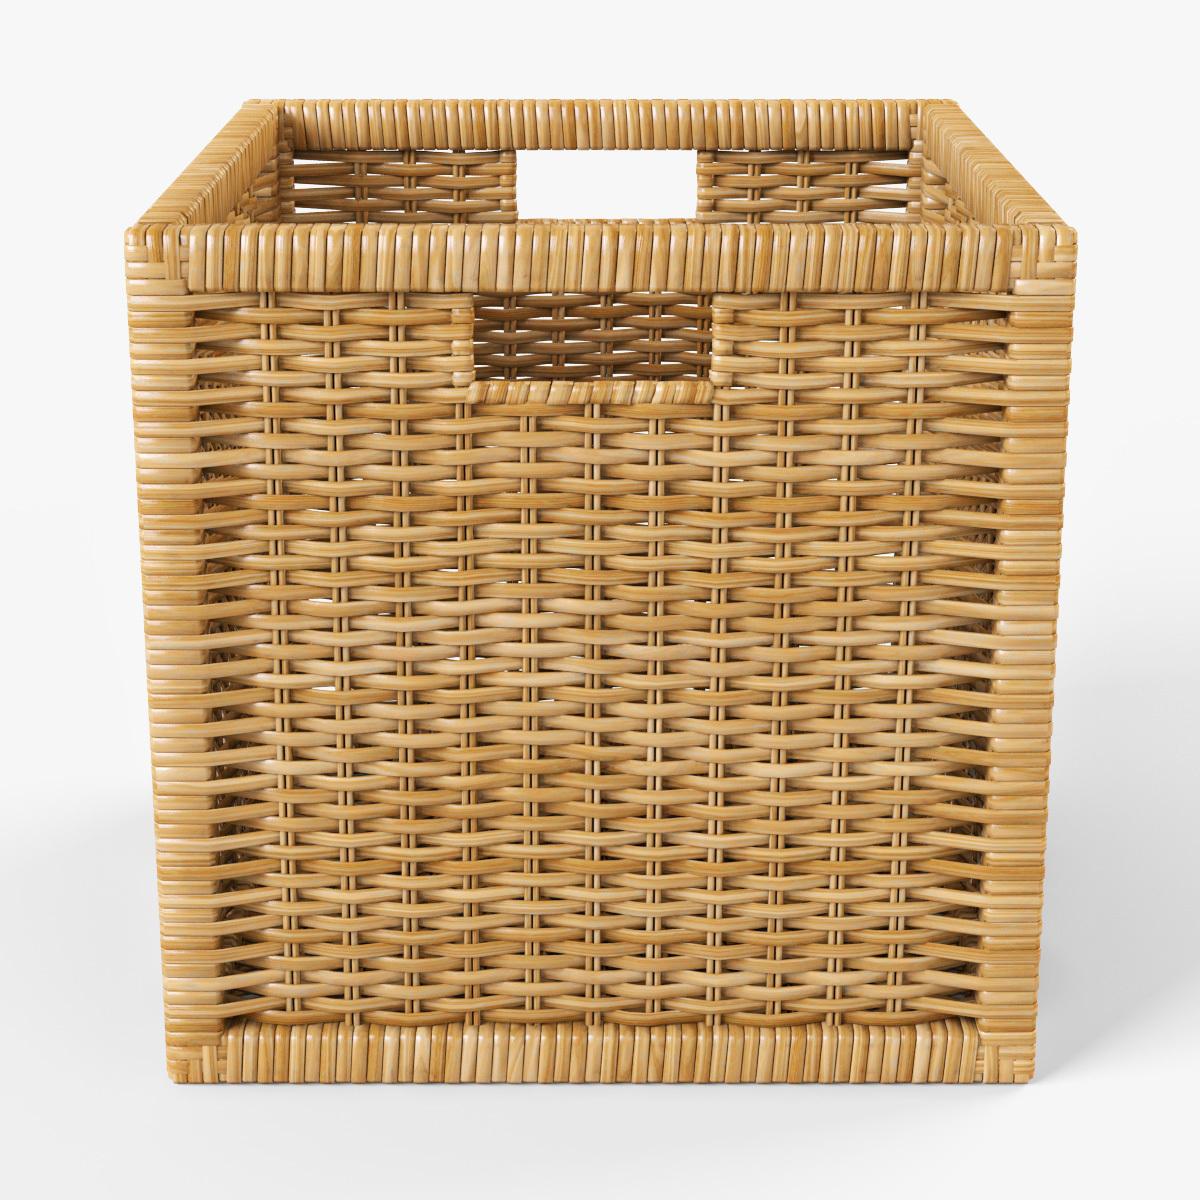 Ikea Wicker Hamper Simple Collapsible Laundry Basket Wicker  # Ikea Banc Bas